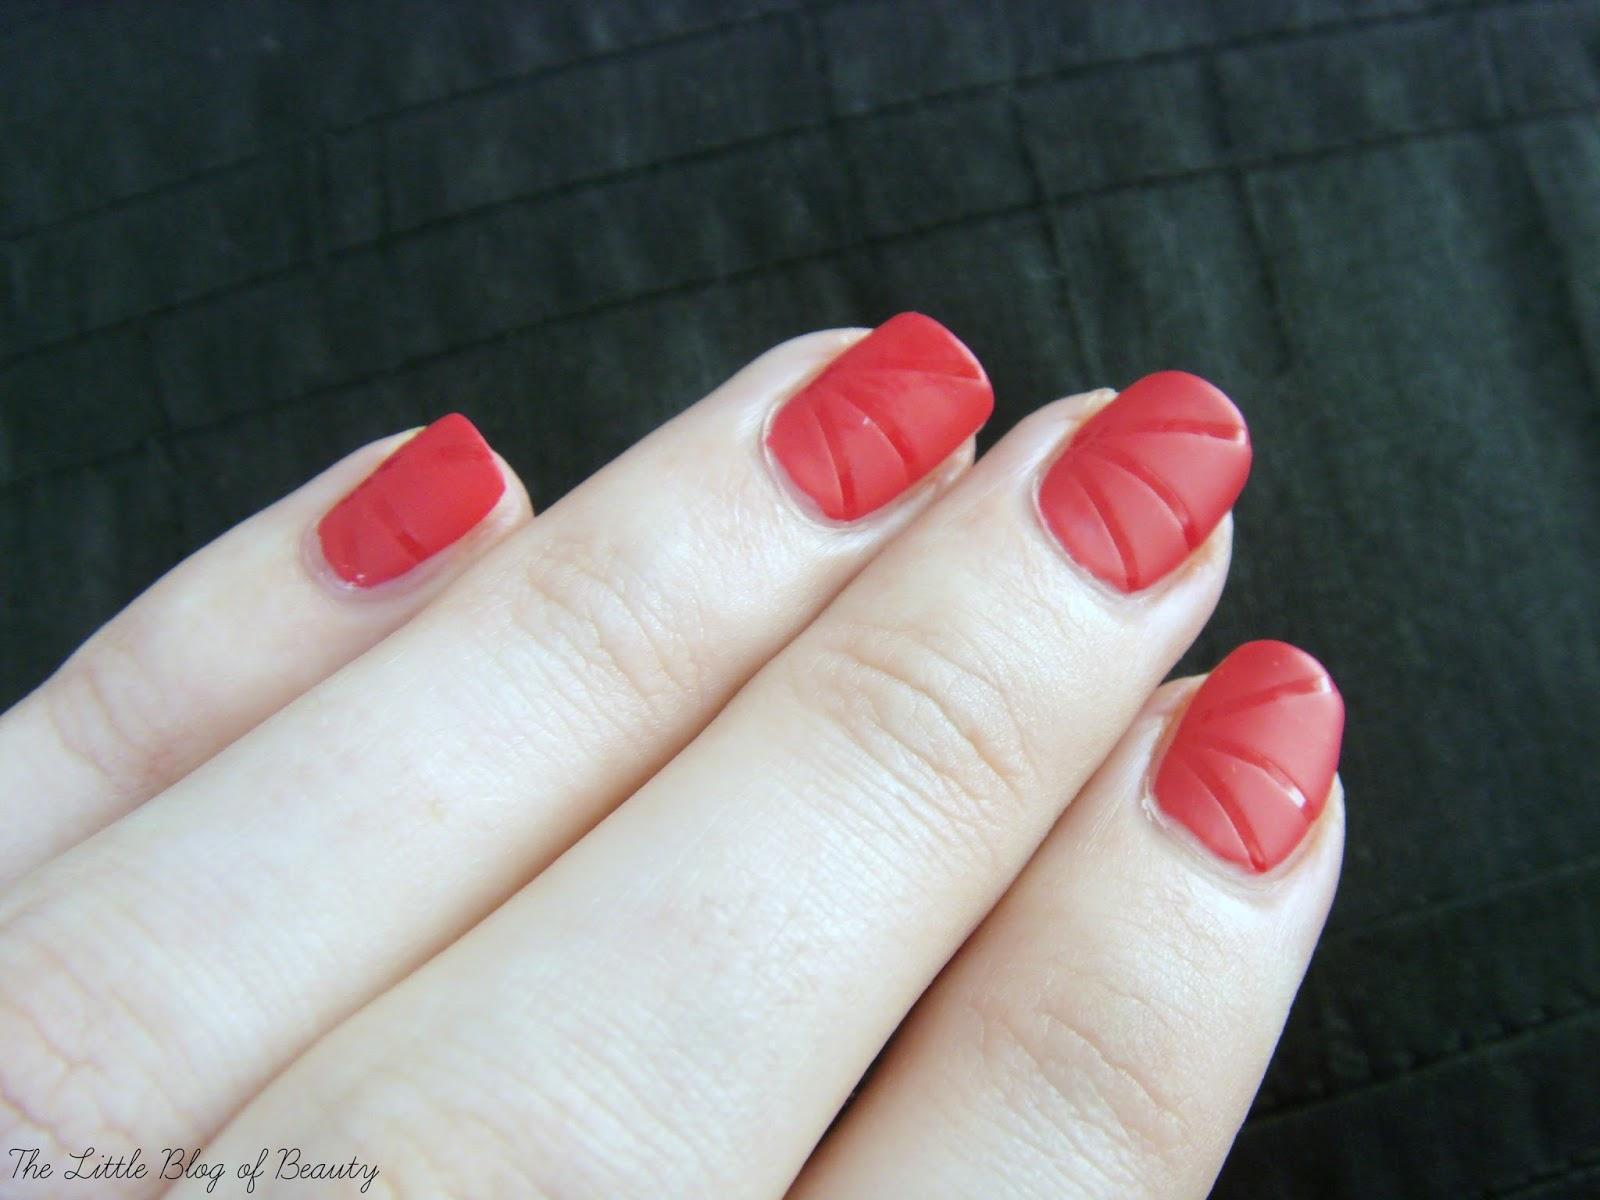 Nail art - Laser nails